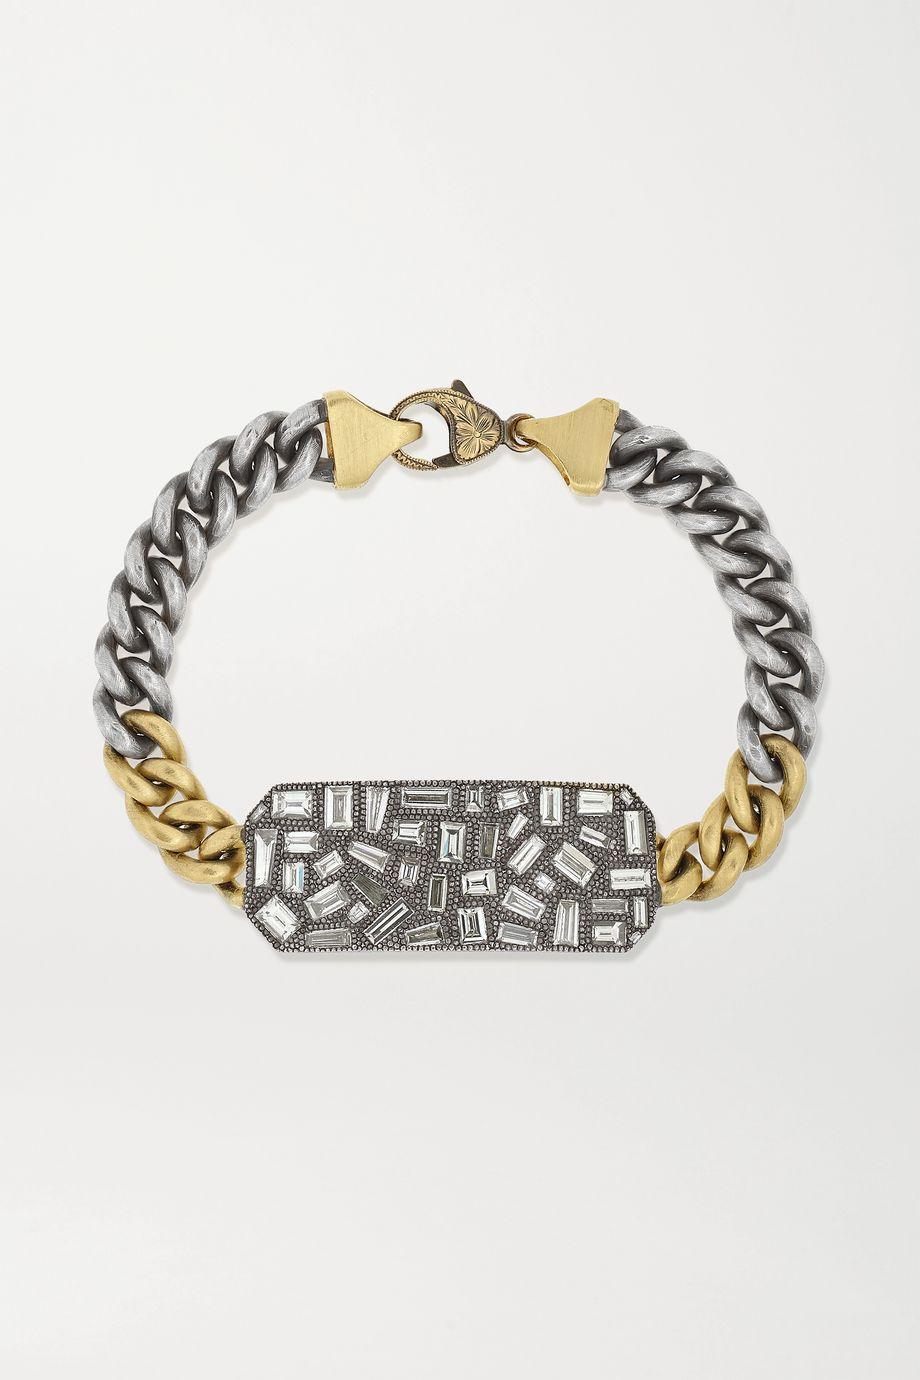 Sylva & Cie Ten Table Armband aus 18 Karat Gold und Sterlingsilber mit Diamanten